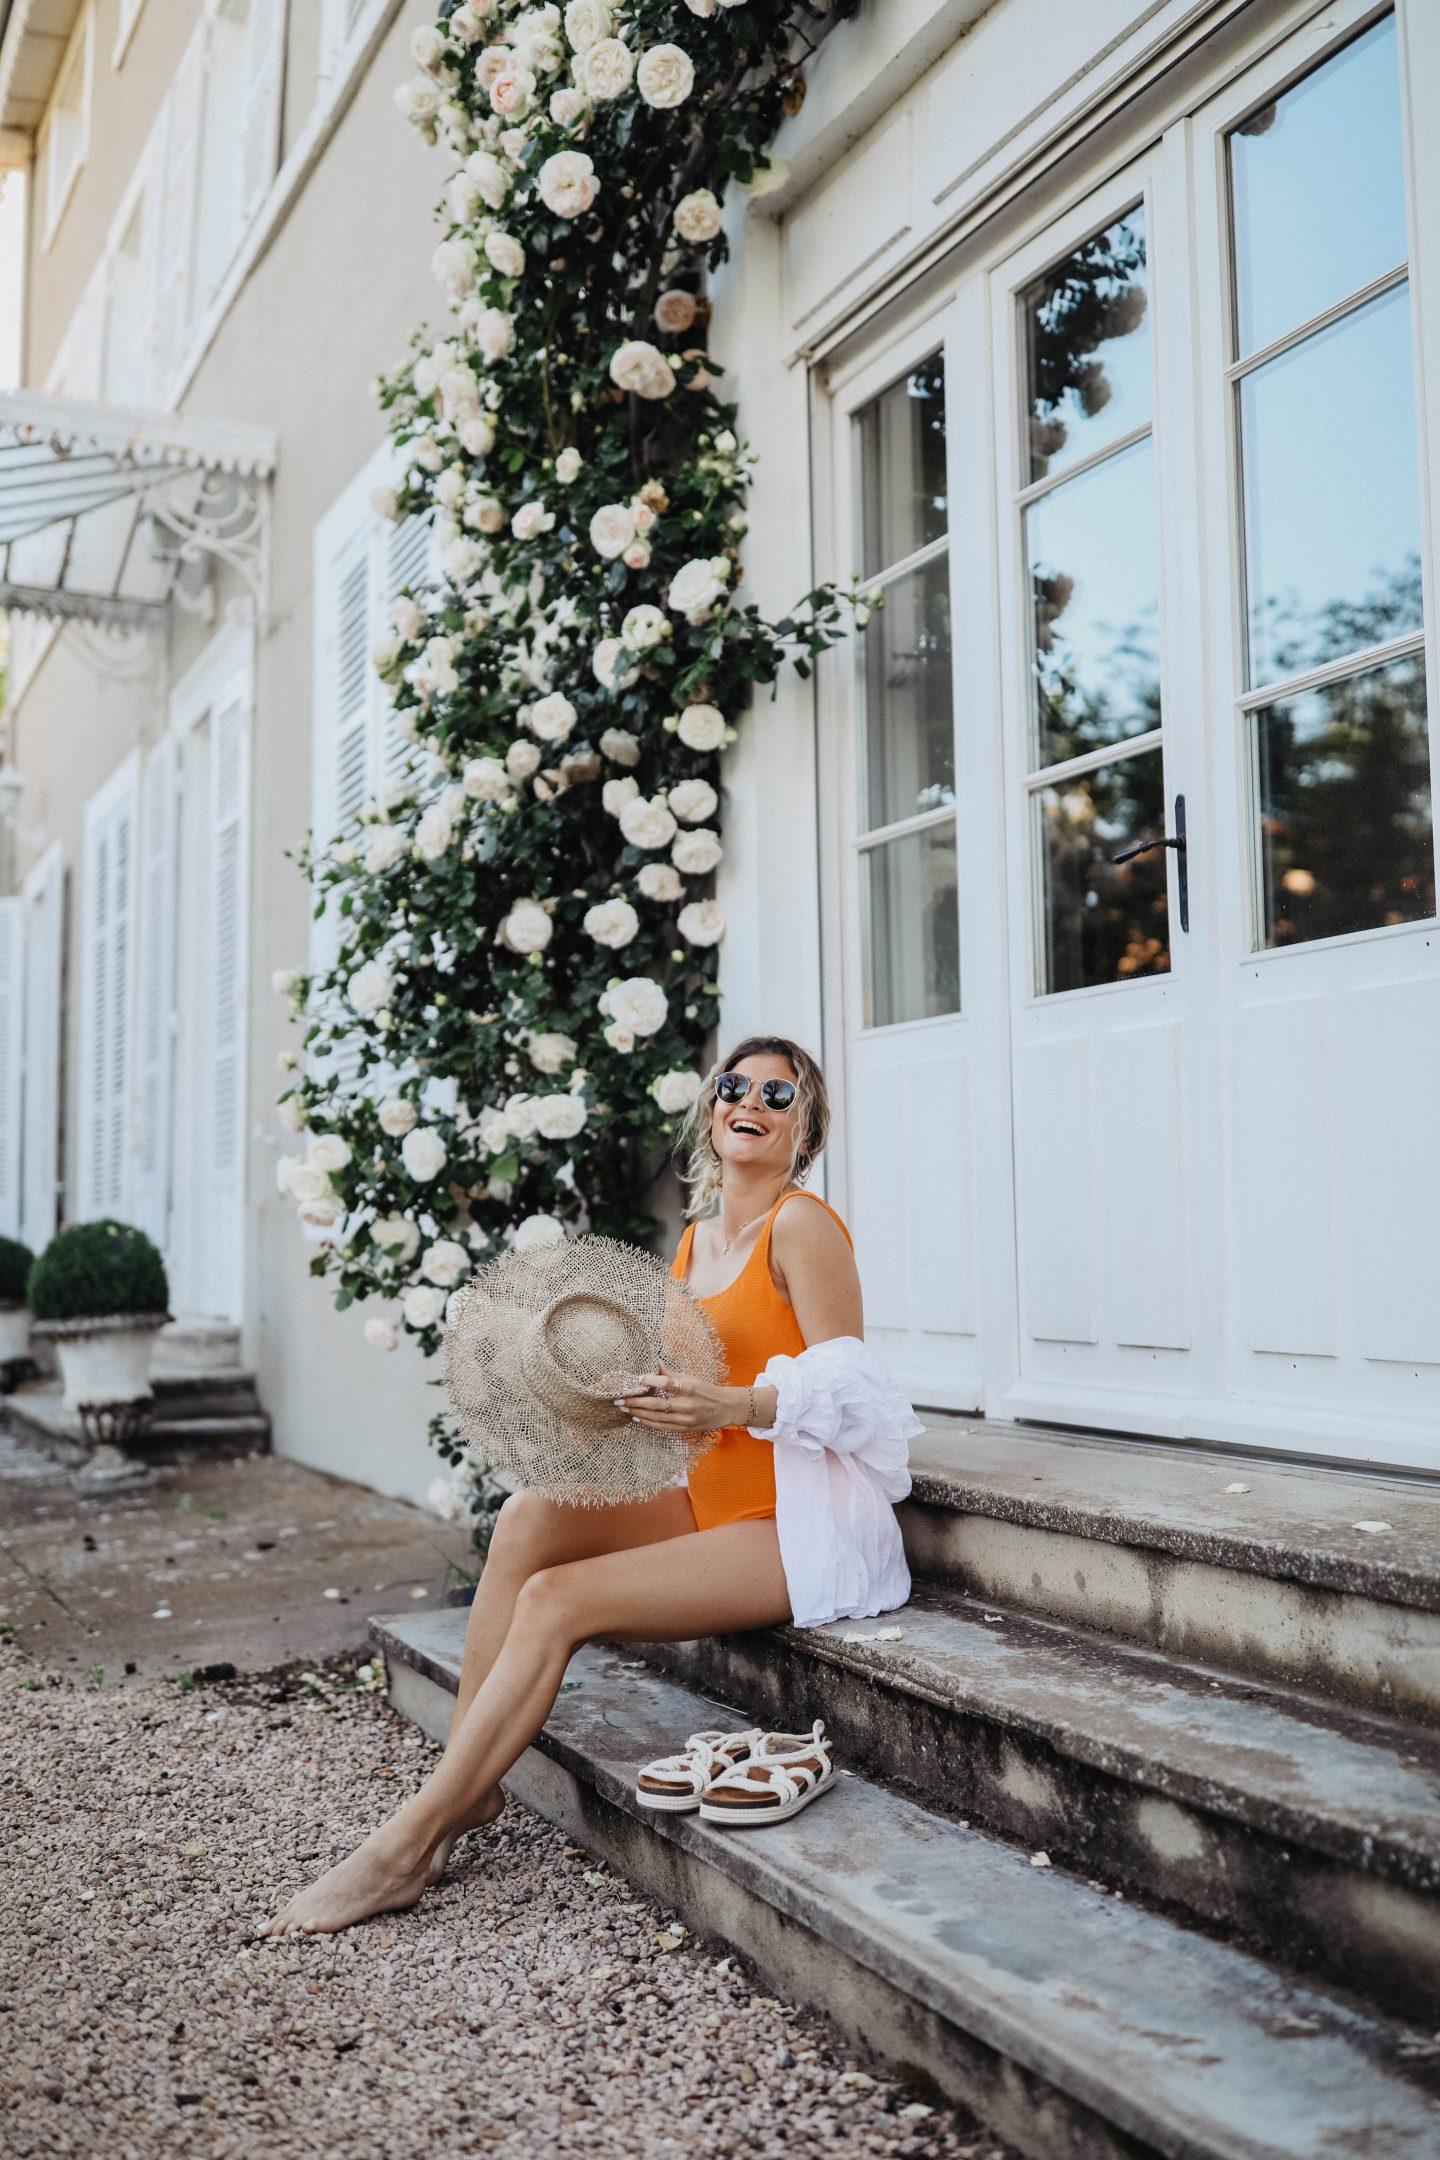 Quels maillots pour cet été marie and mood blog mode